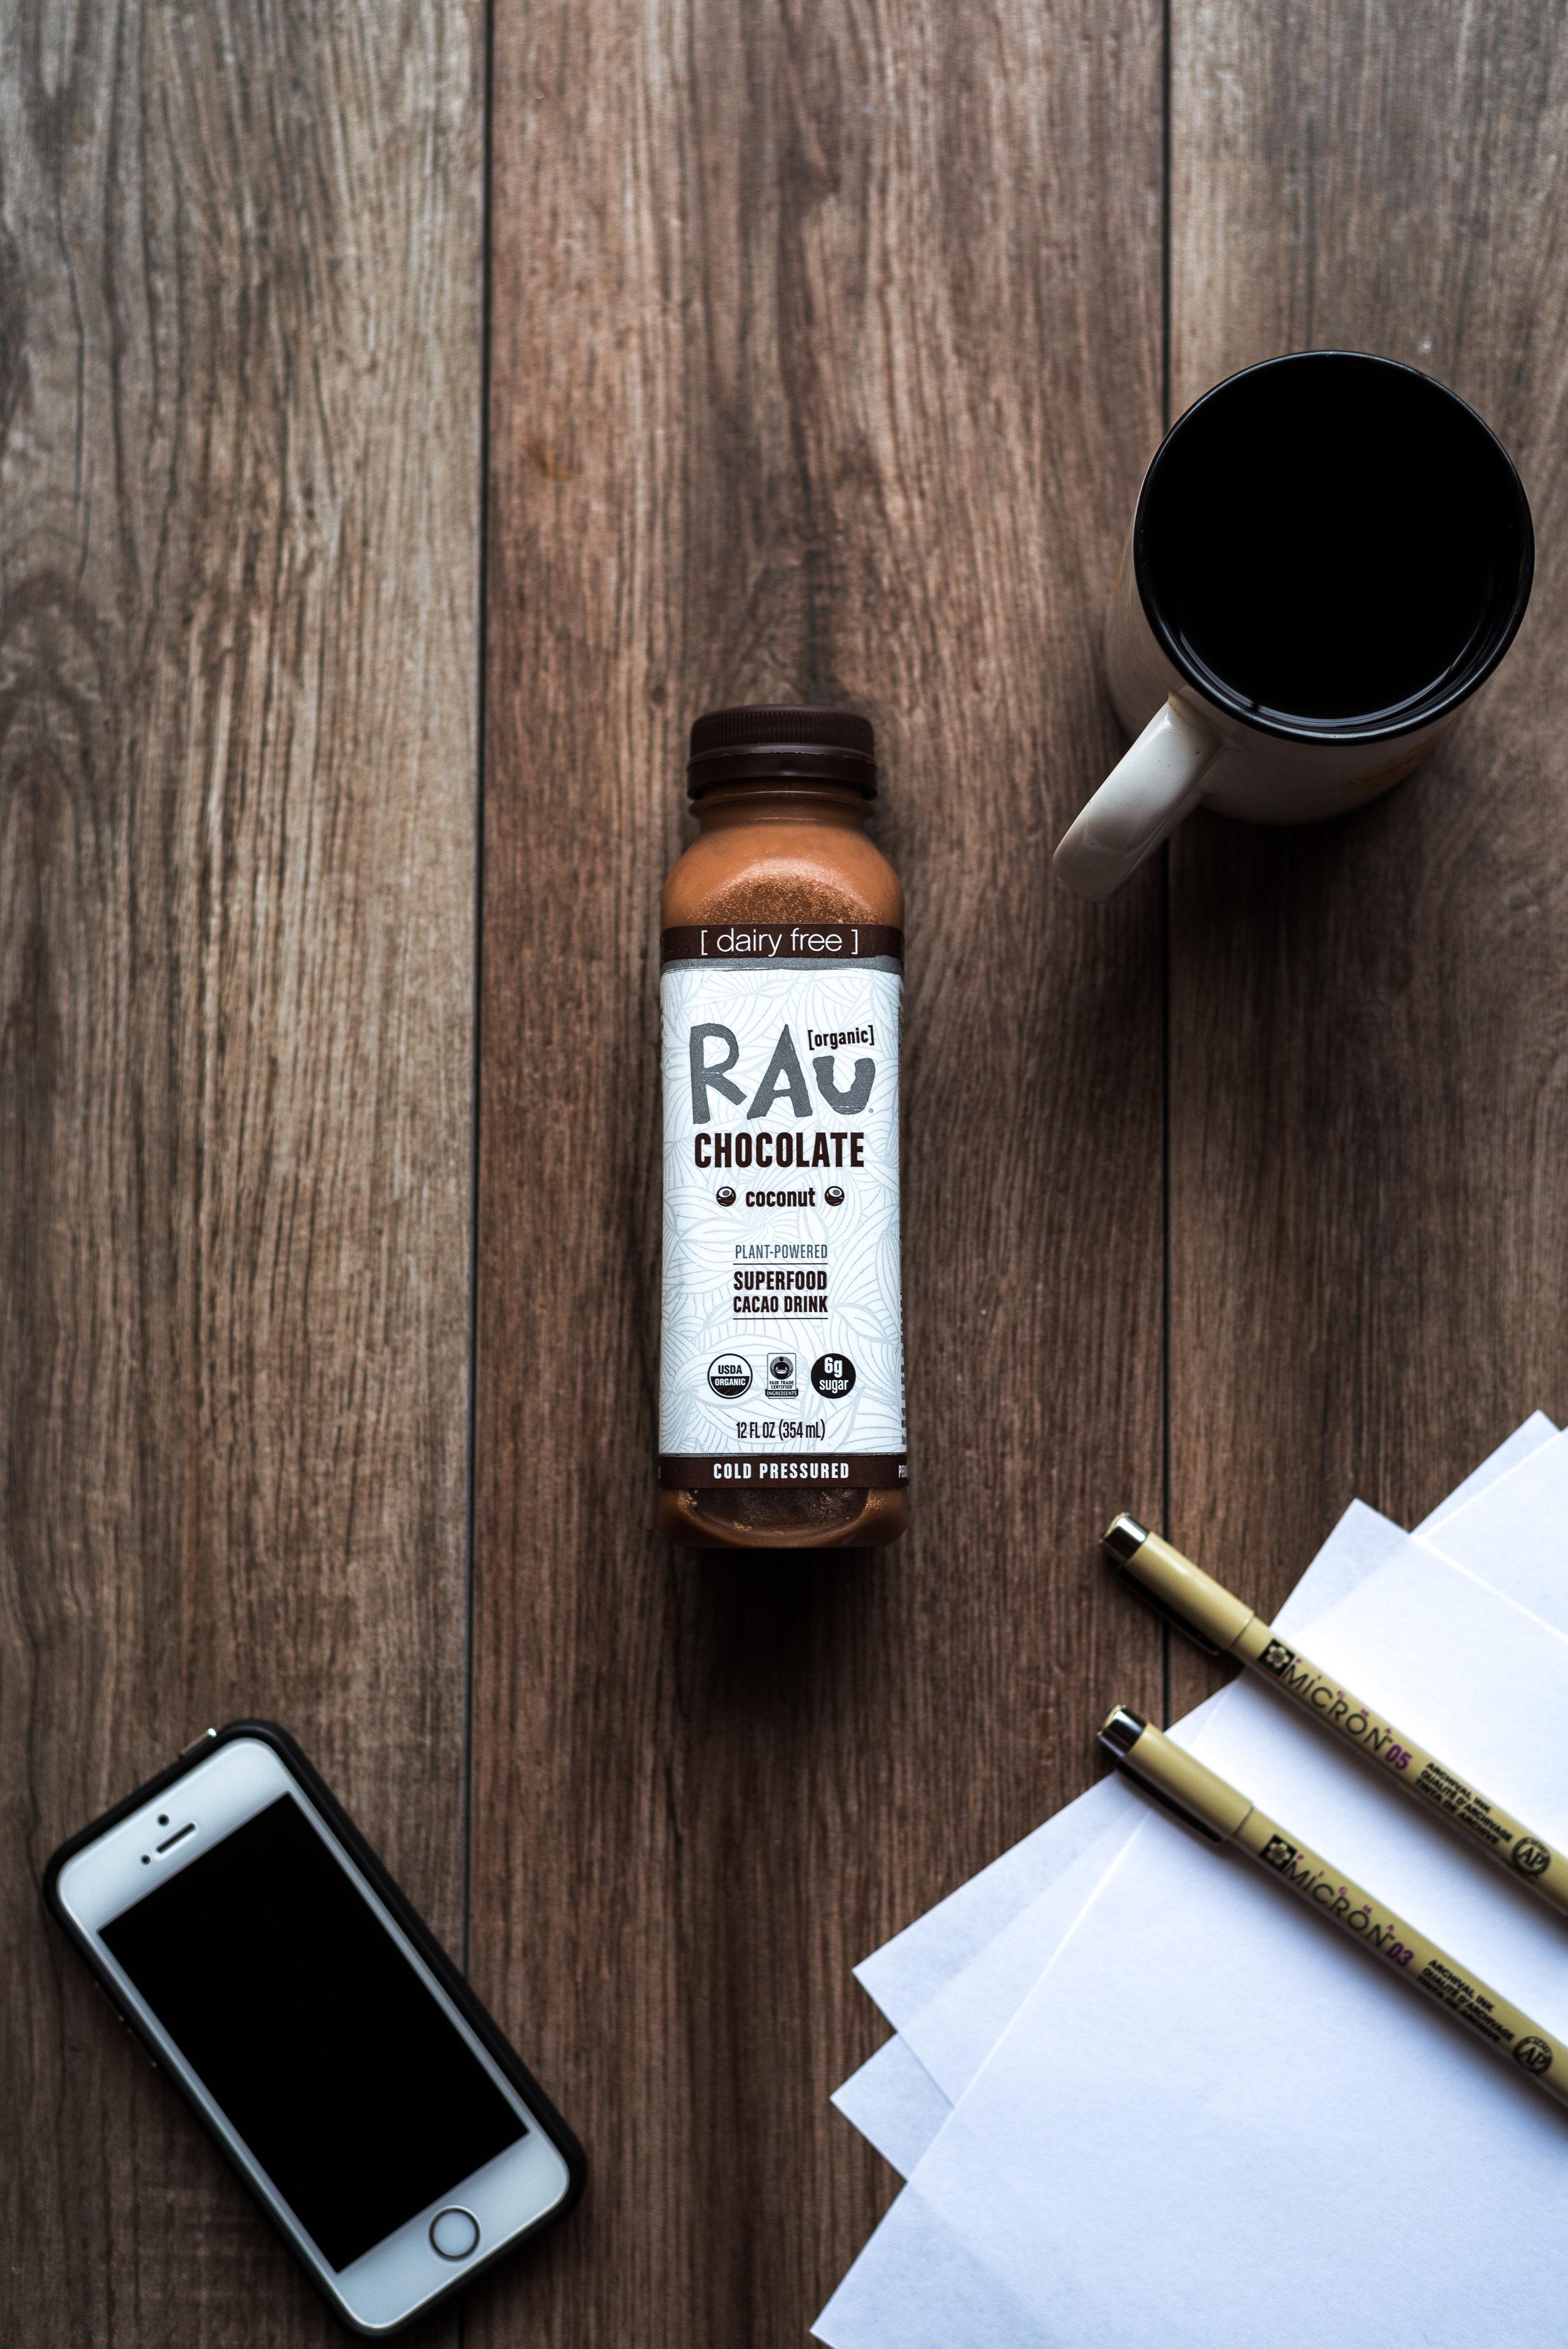 Rau-Chocolate-6.jpg